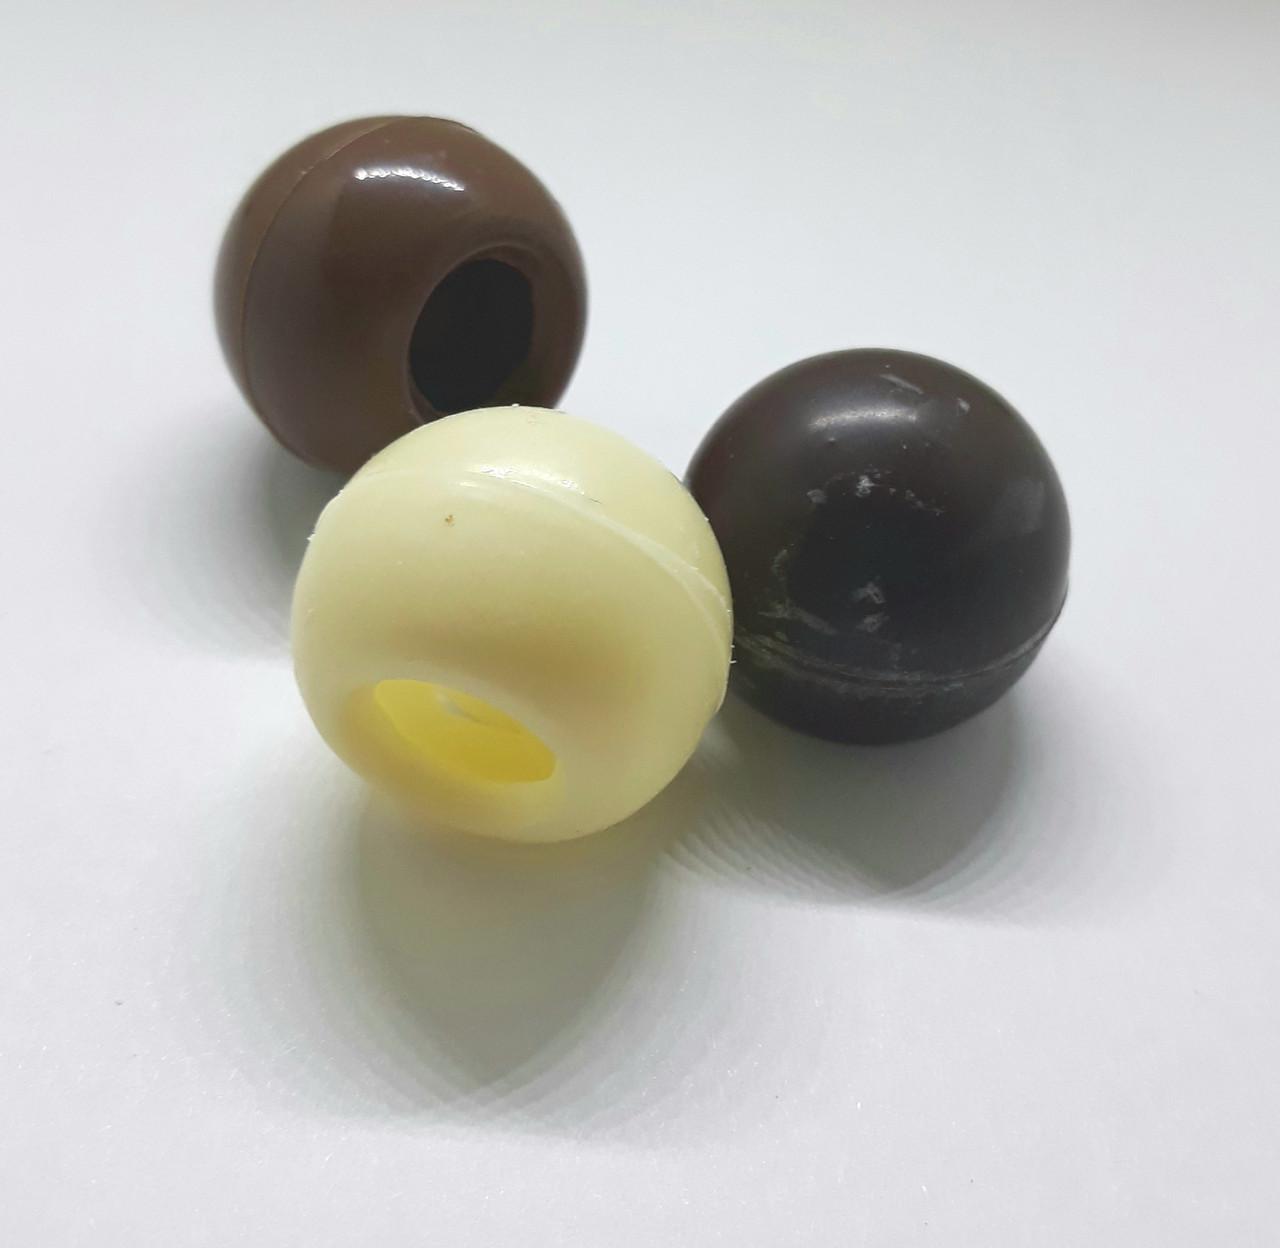 Шарик шоколадный 2 см  в ассортименте Галетте -06106